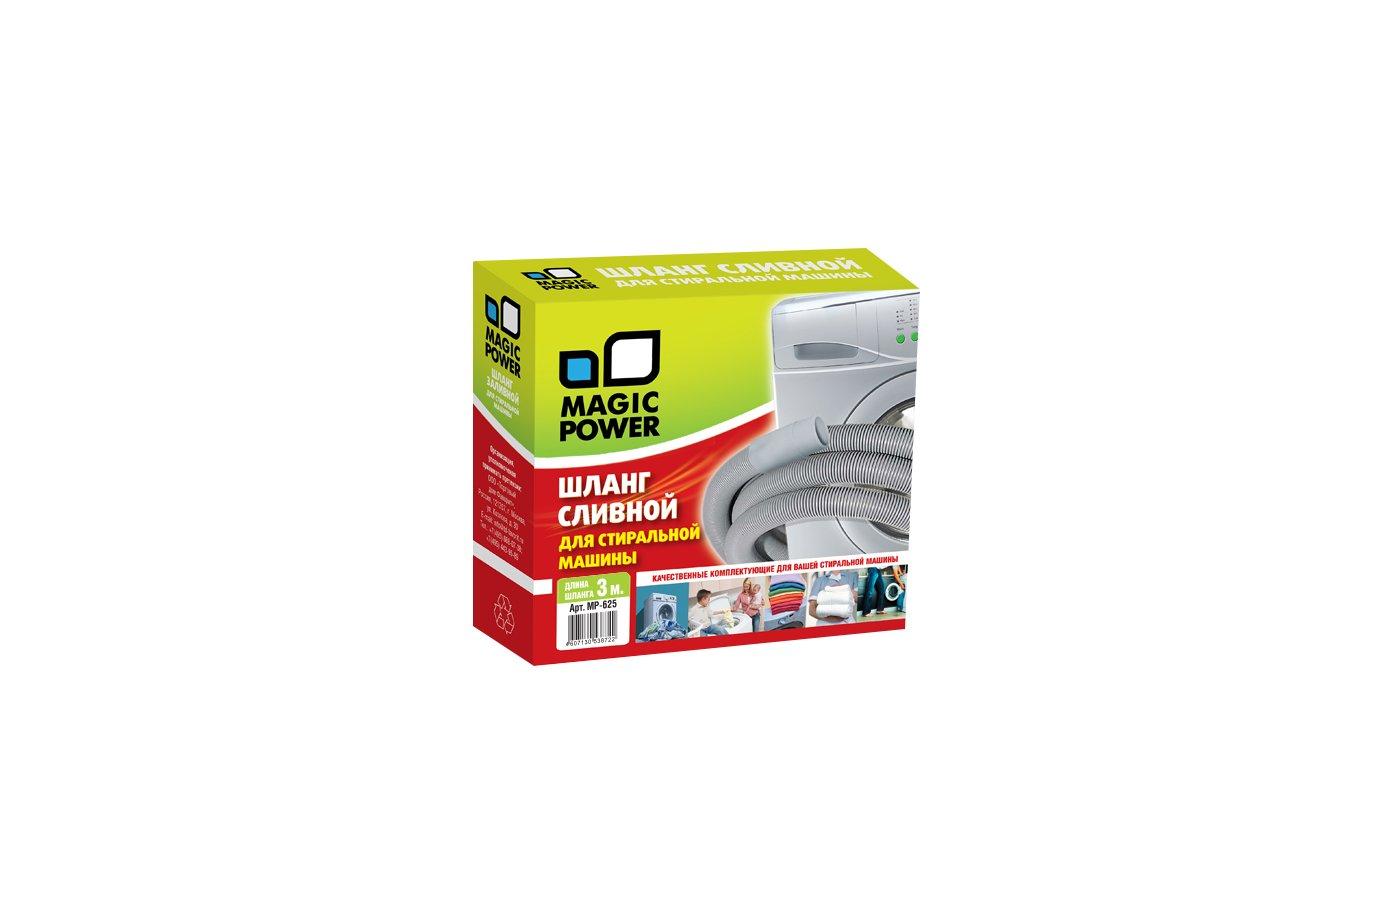 Аксессуары для подключения стиральных машин Magic Power MP-625 Шланг сливной для с/м3 м